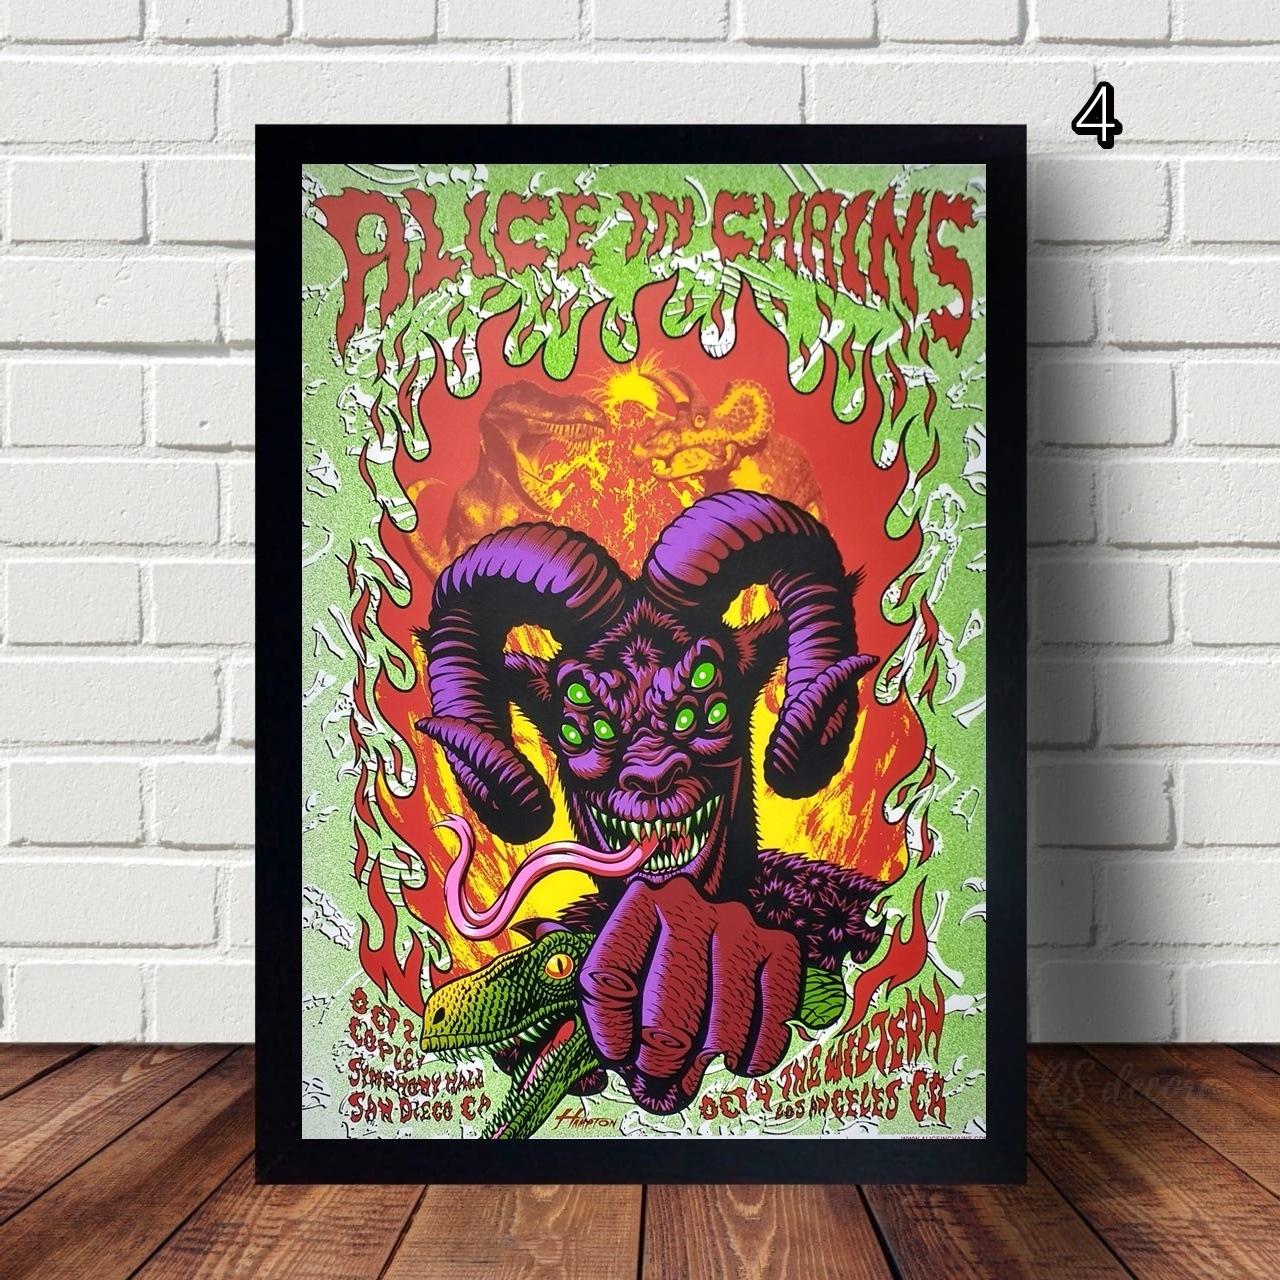 Quadro Decorativo Alice In Chains IV